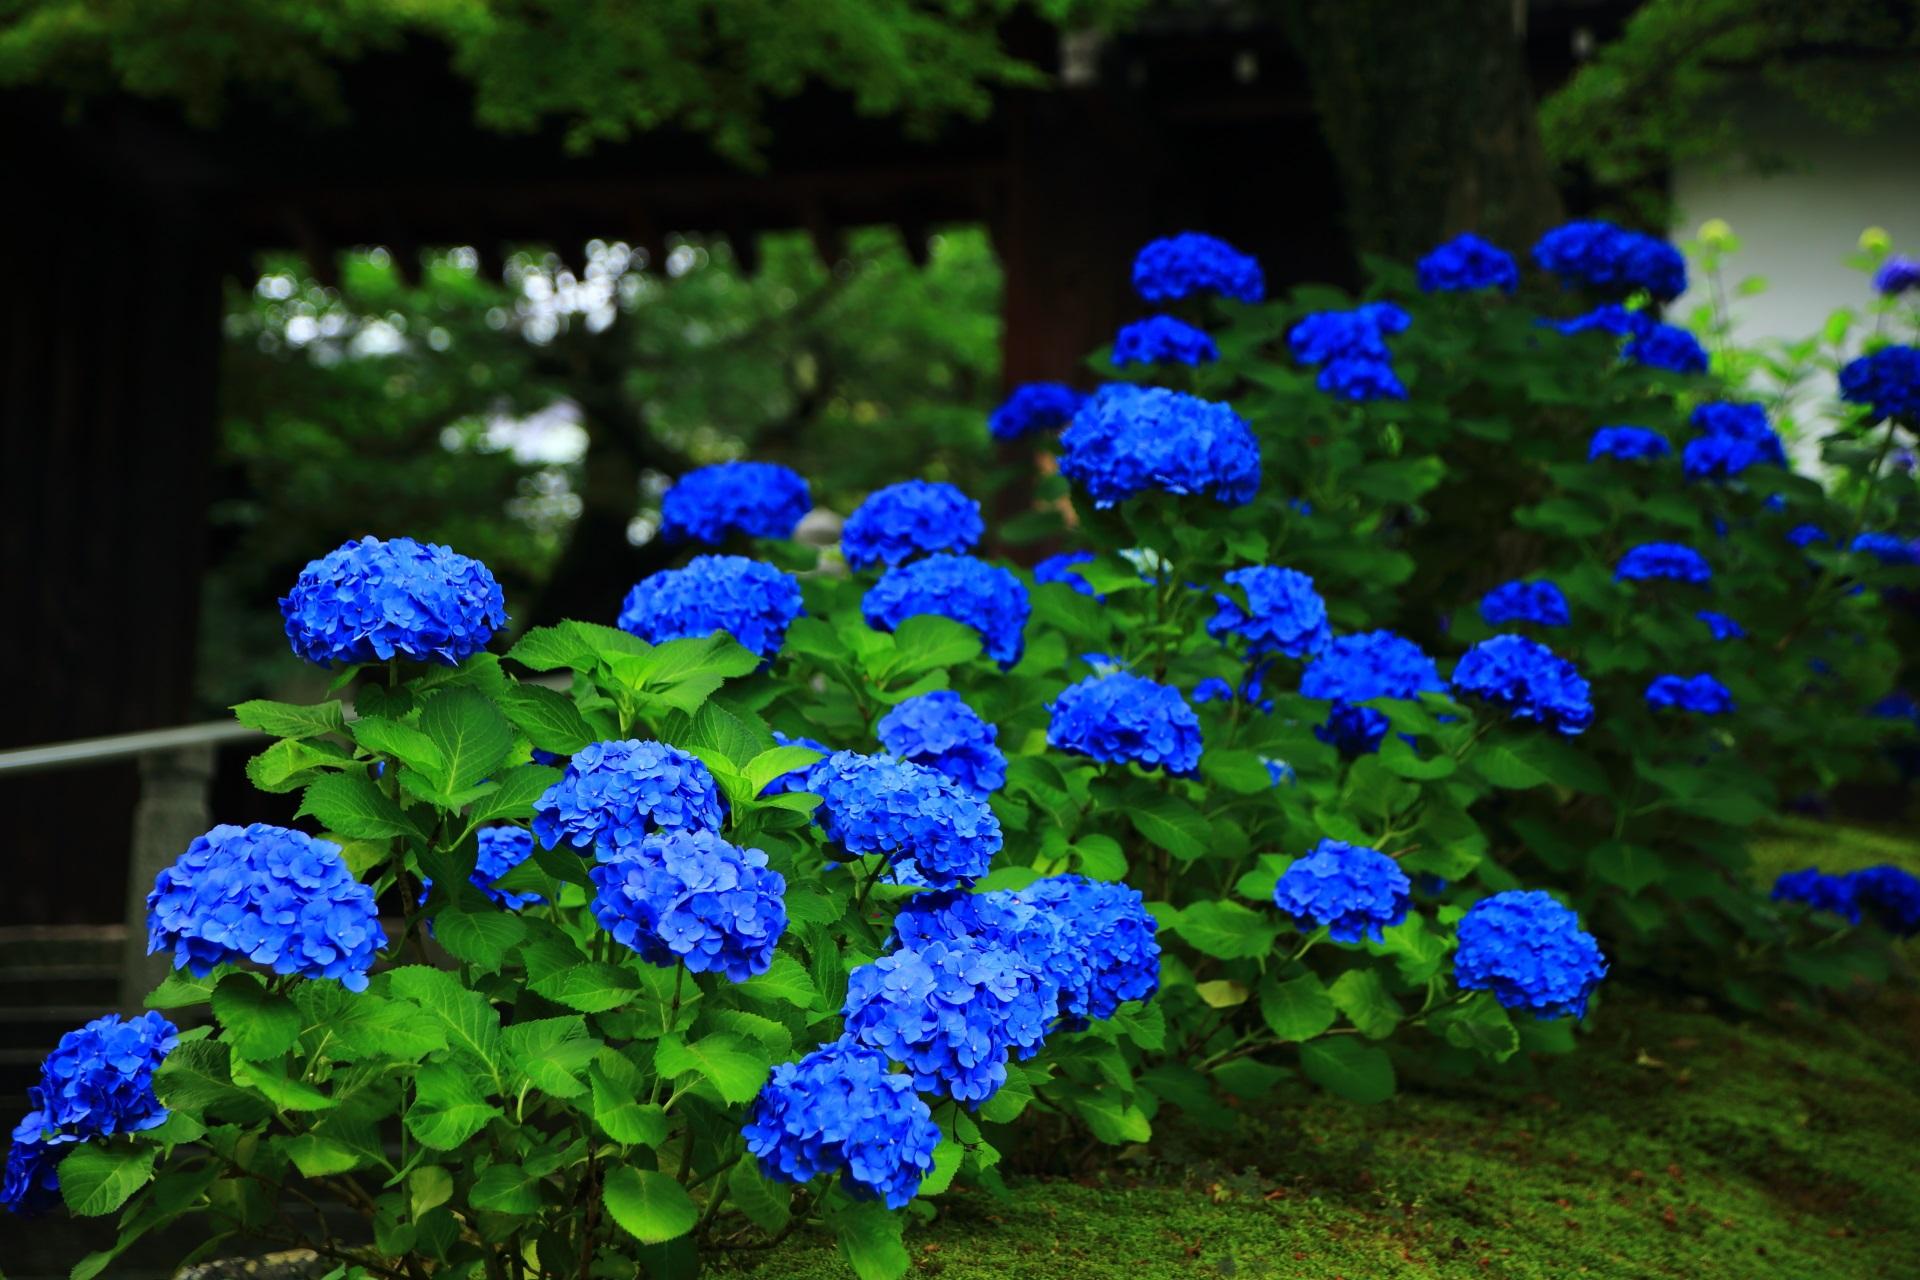 しっとりしているように見える知恩院の濃いブルーの紫陽花